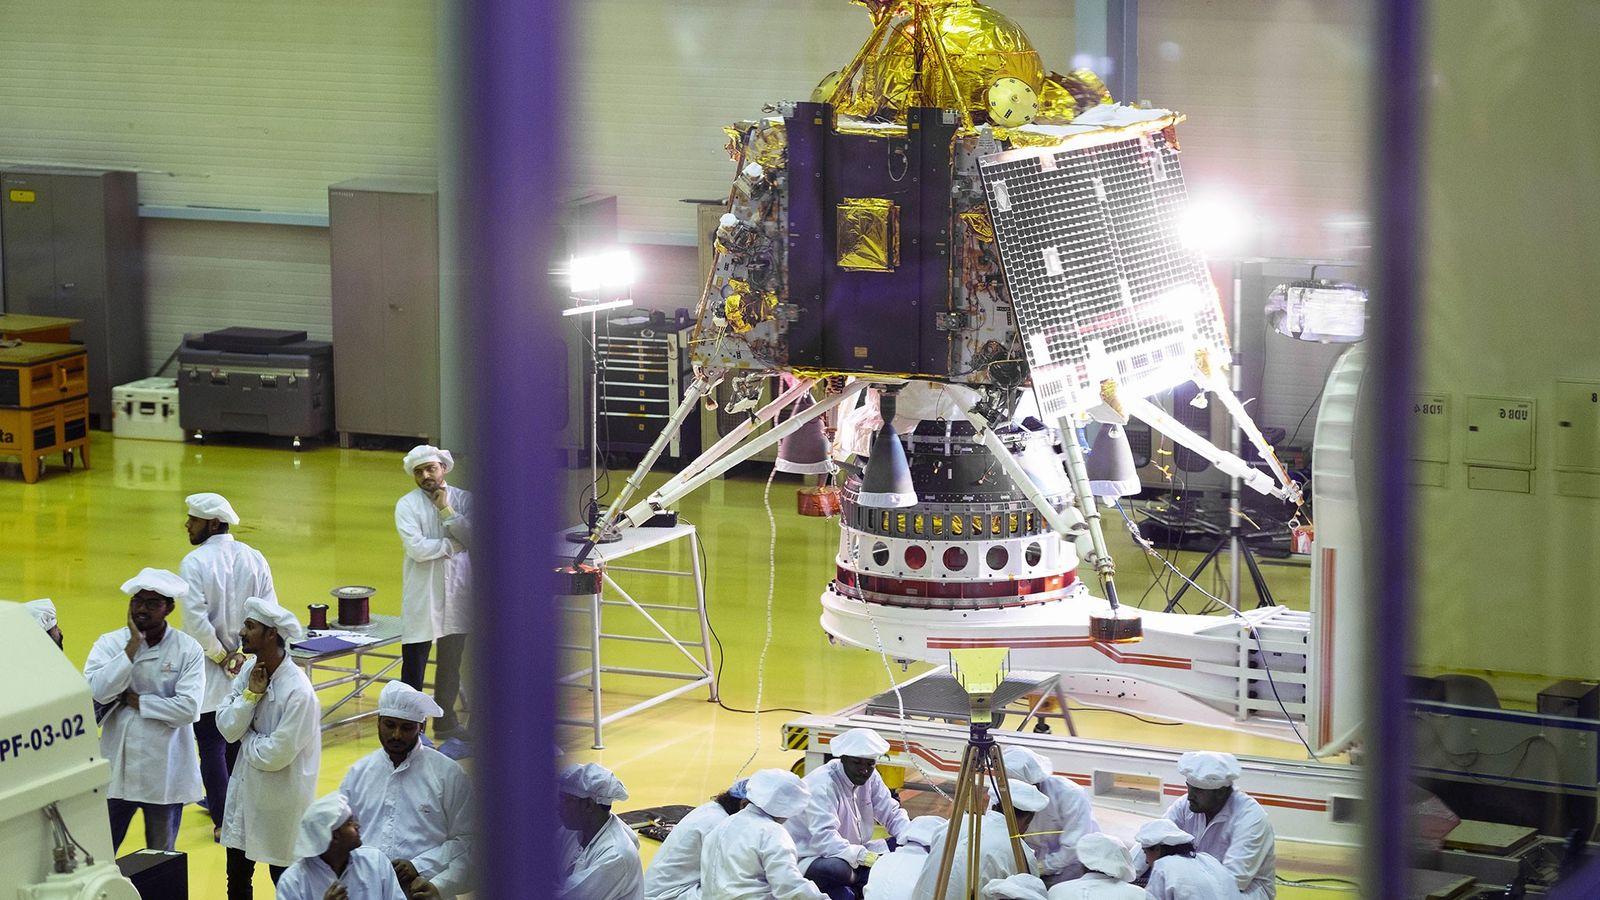 Los científicos y empleados observan a Vikram, el módulo de aterrizaje de Chandrayaan-2, en un centro ...